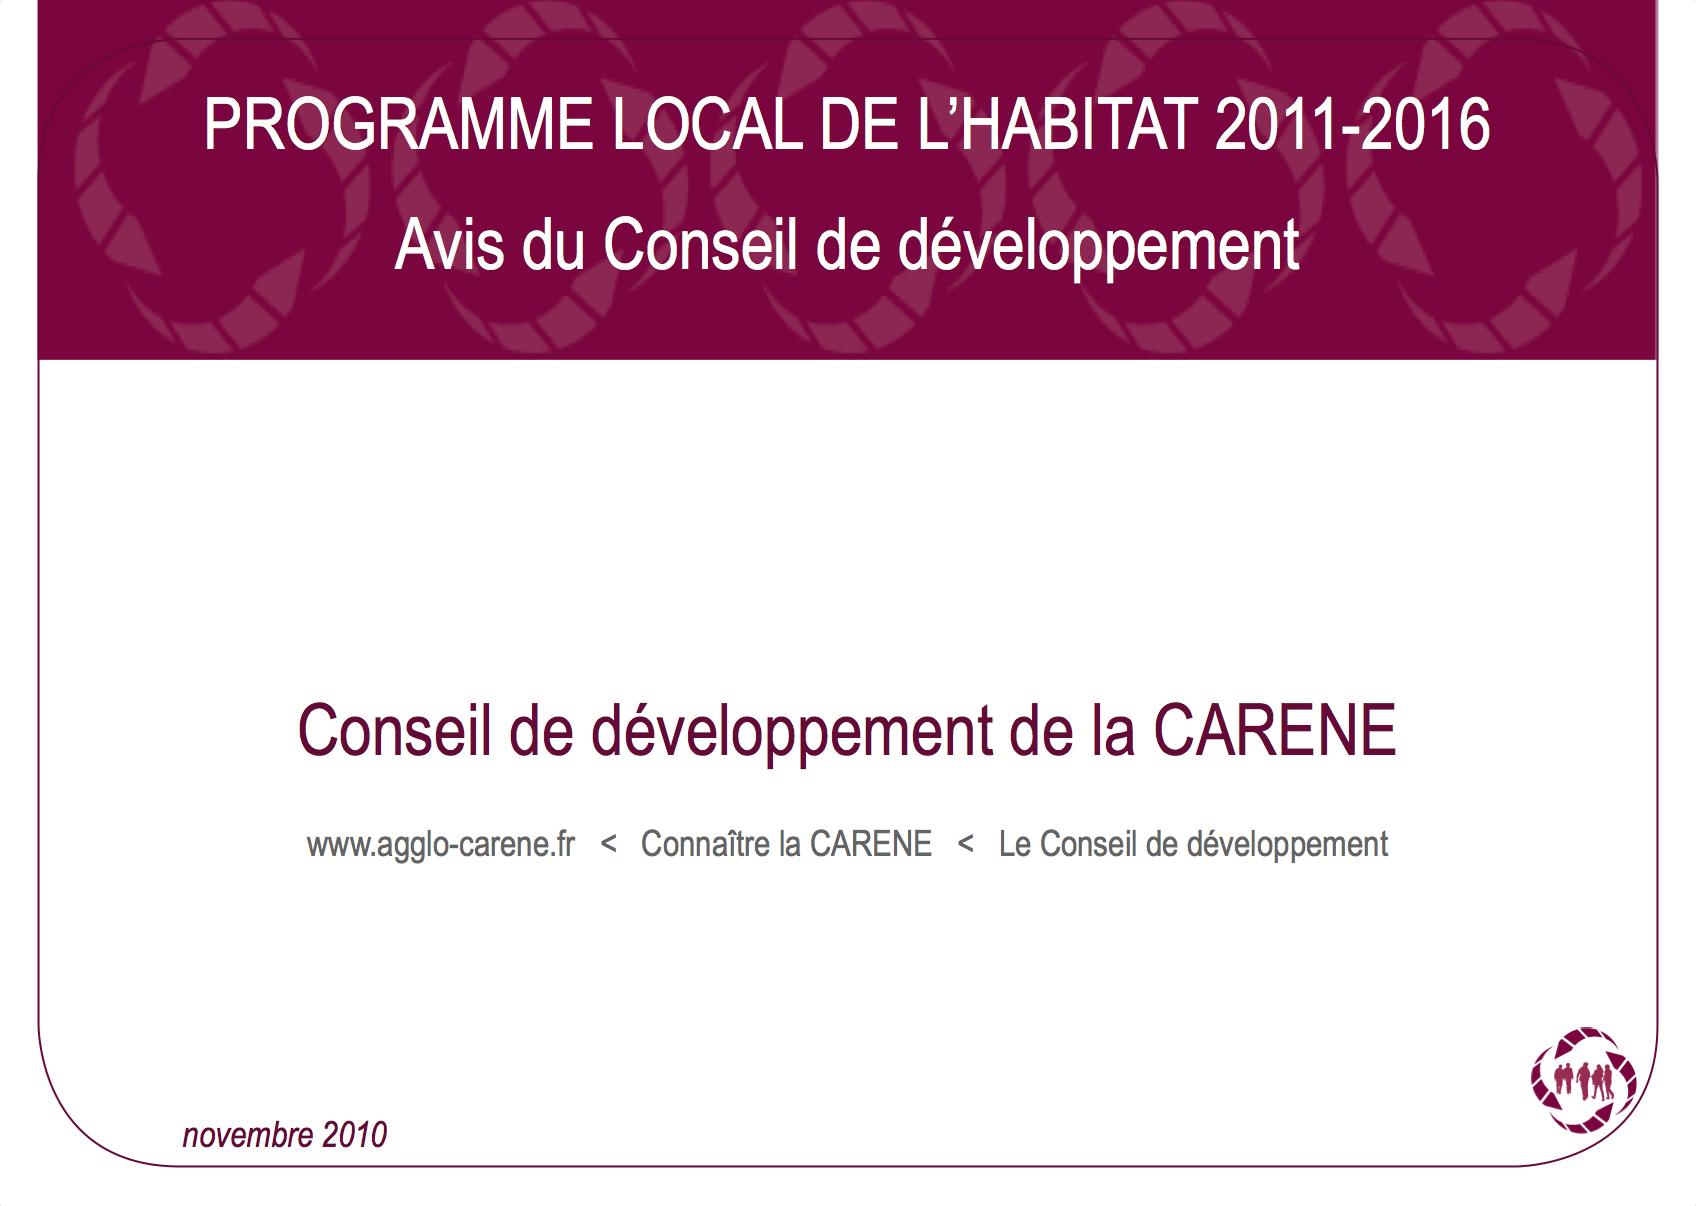 Programme local de l'Habitat 2011-2016